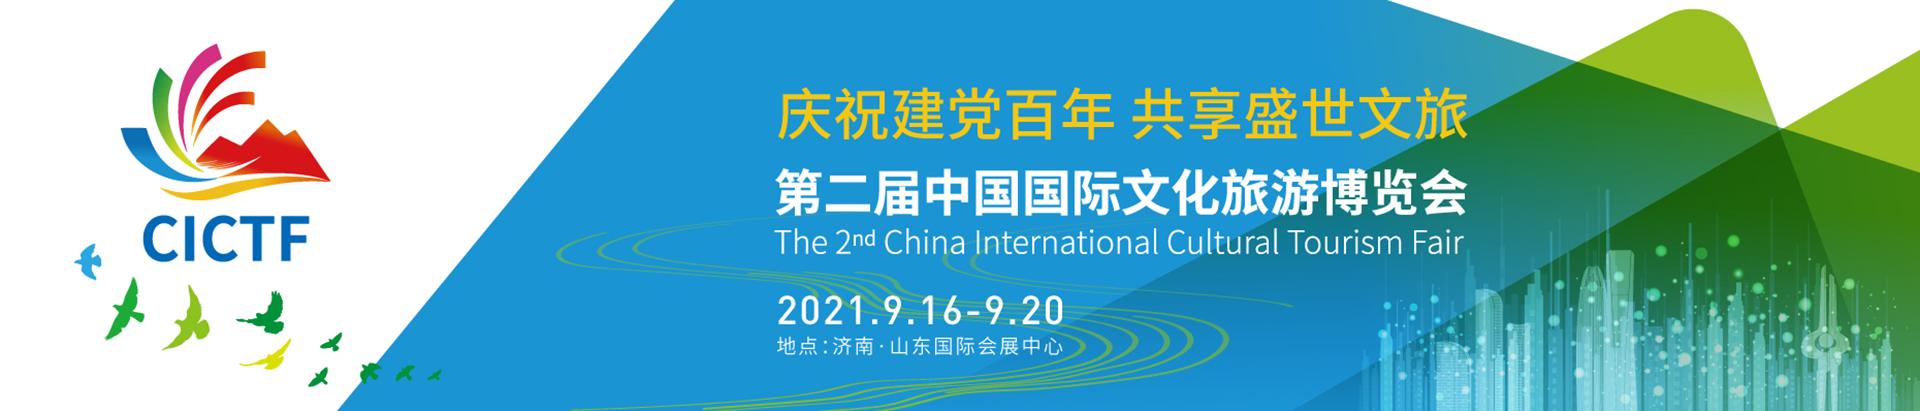 第二屆中國國際文化旅游博覽會